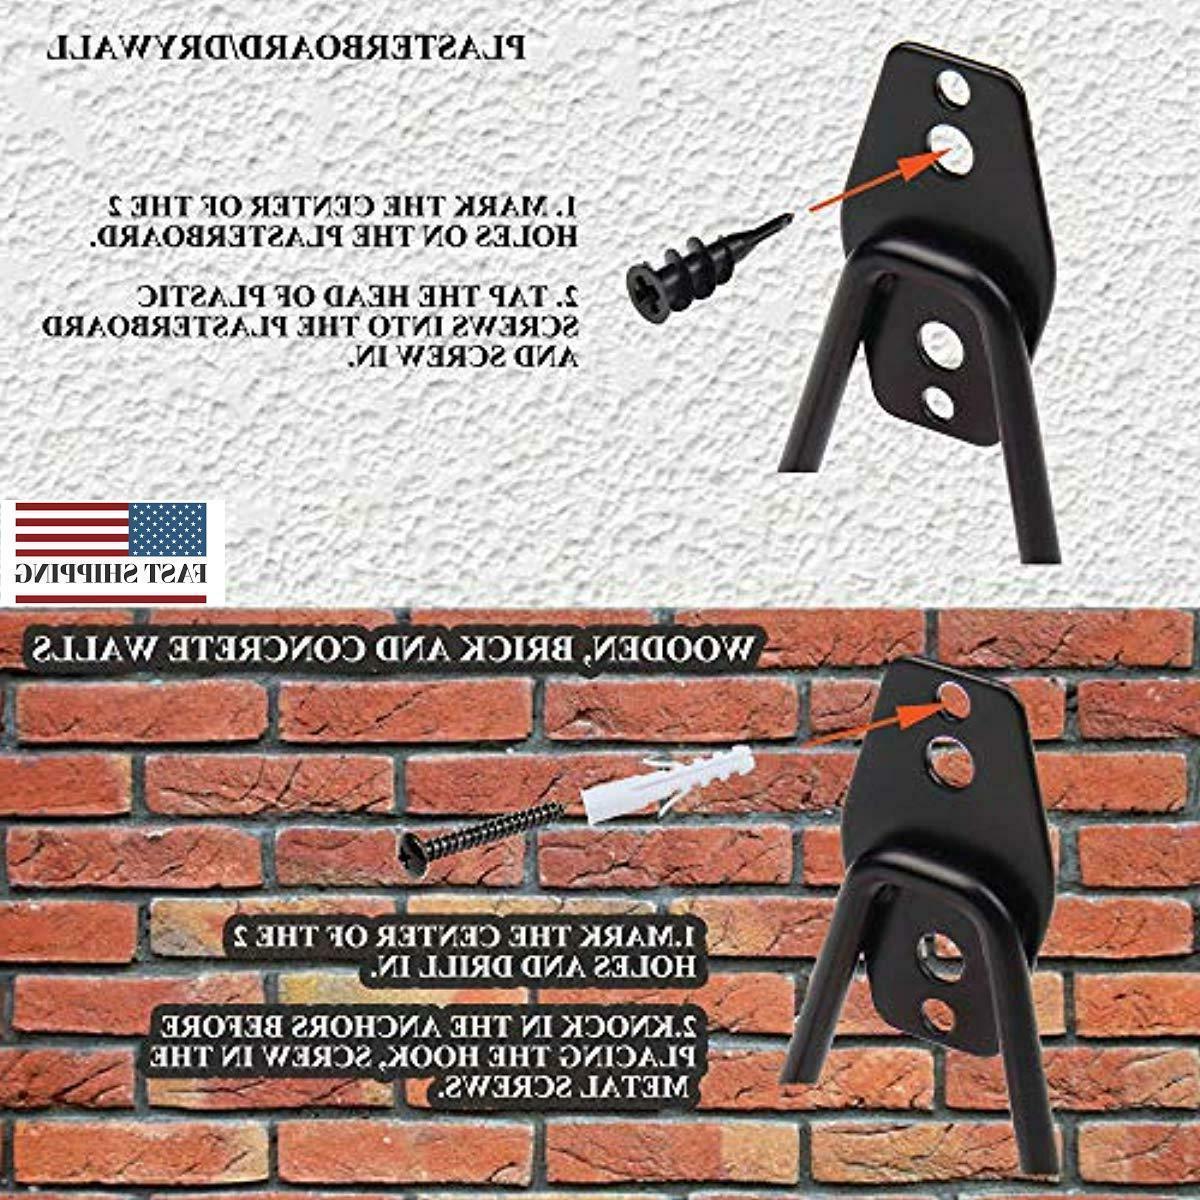 Steel Garage Storage Double Hooks, Easy Install Wall Mount Duty